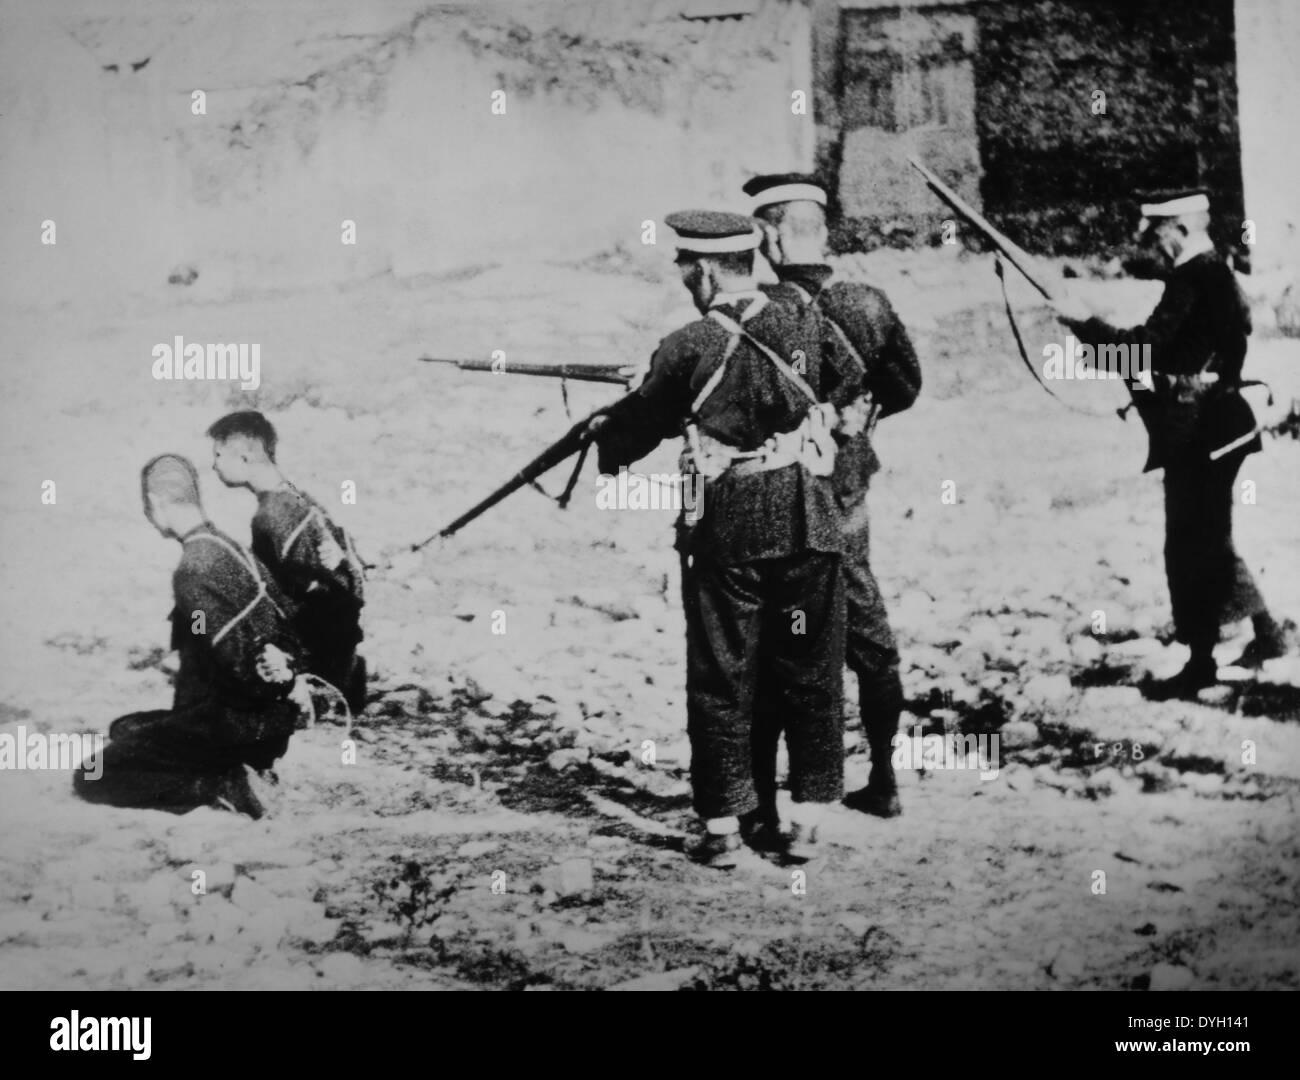 Esecuzione di due uomini cinesi da soldati giapponesi durante la Seconda Guerra Sino-Japanese, circa 1937 Immagini Stock